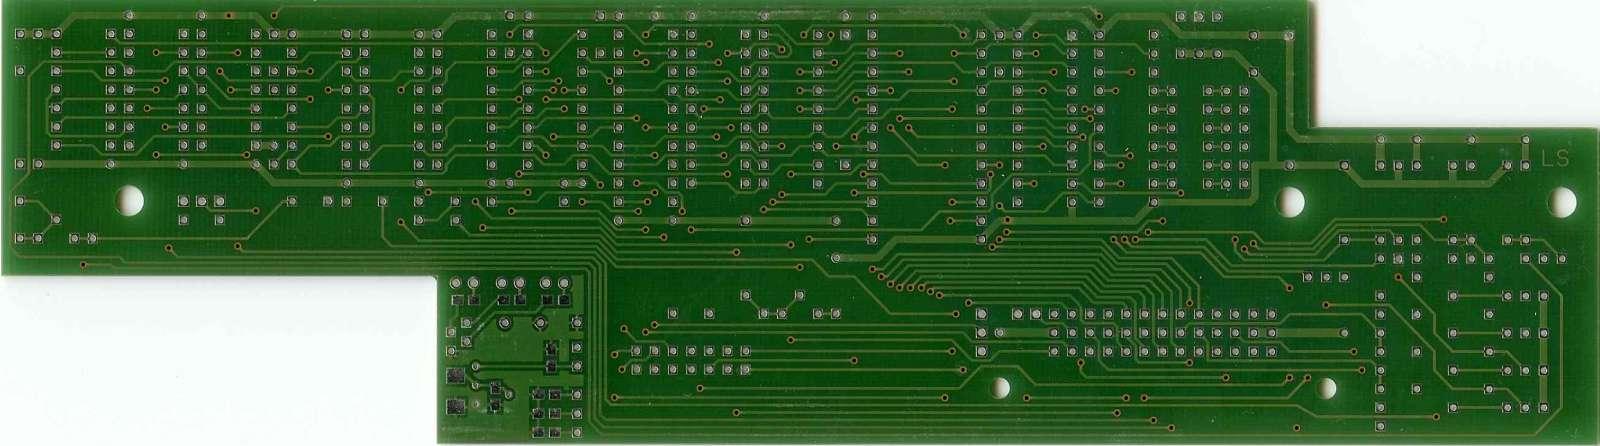 Projekt: Erweiterte Farbkarte für Z9001/KC87